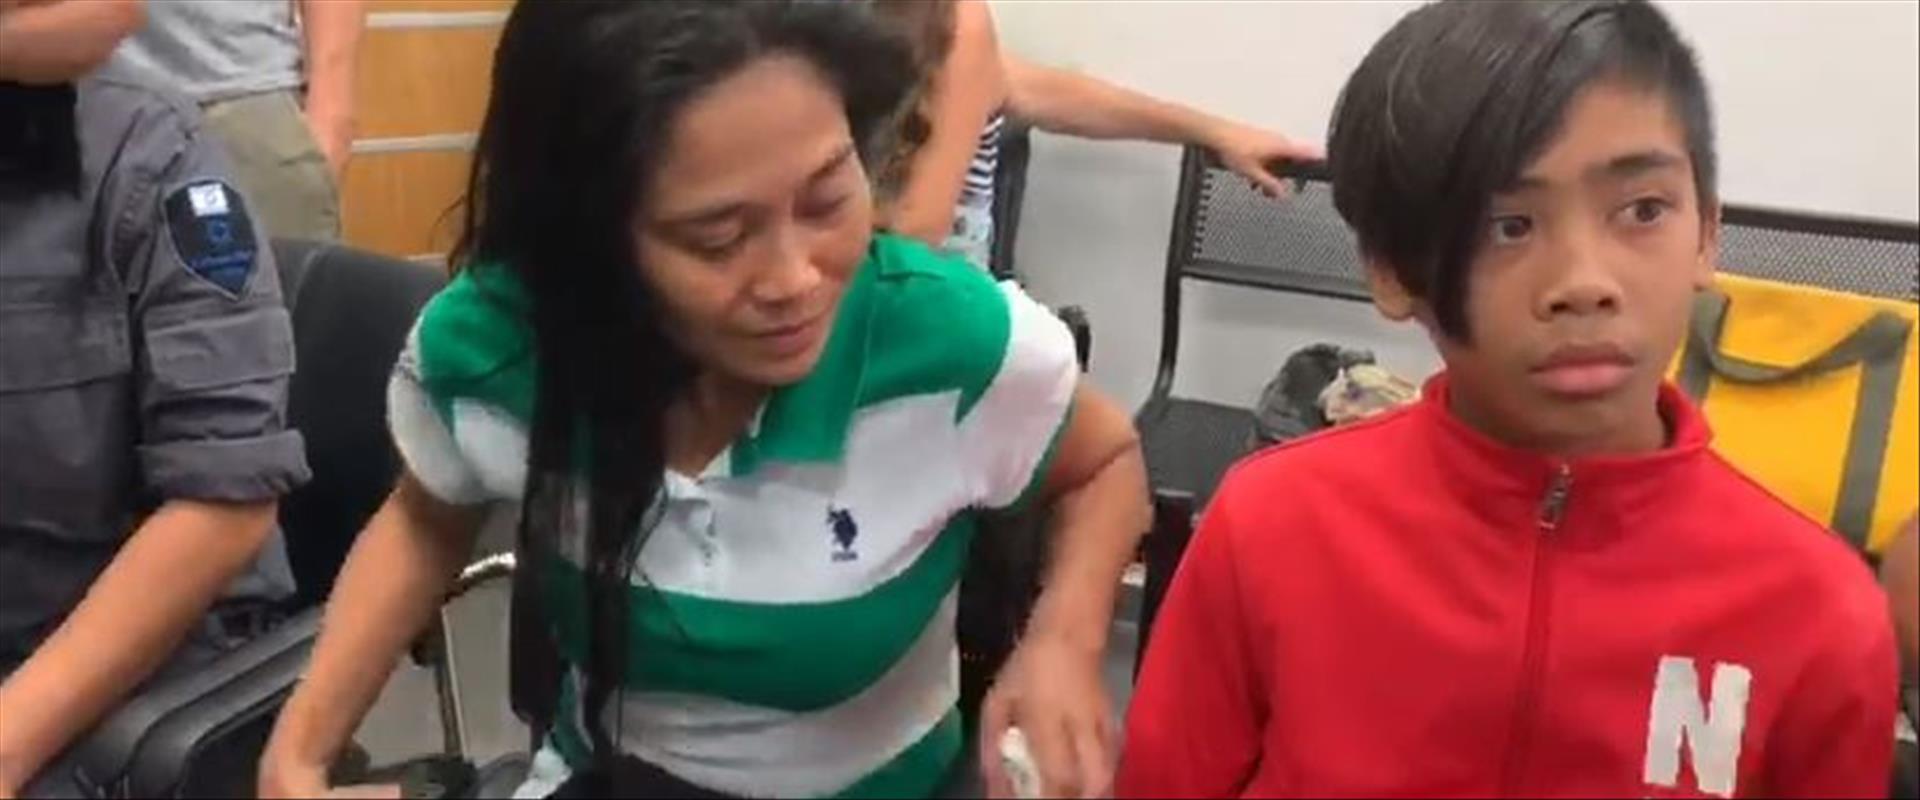 הפיליפינית  ג'רלדין ובנה המיועדים לגירוש